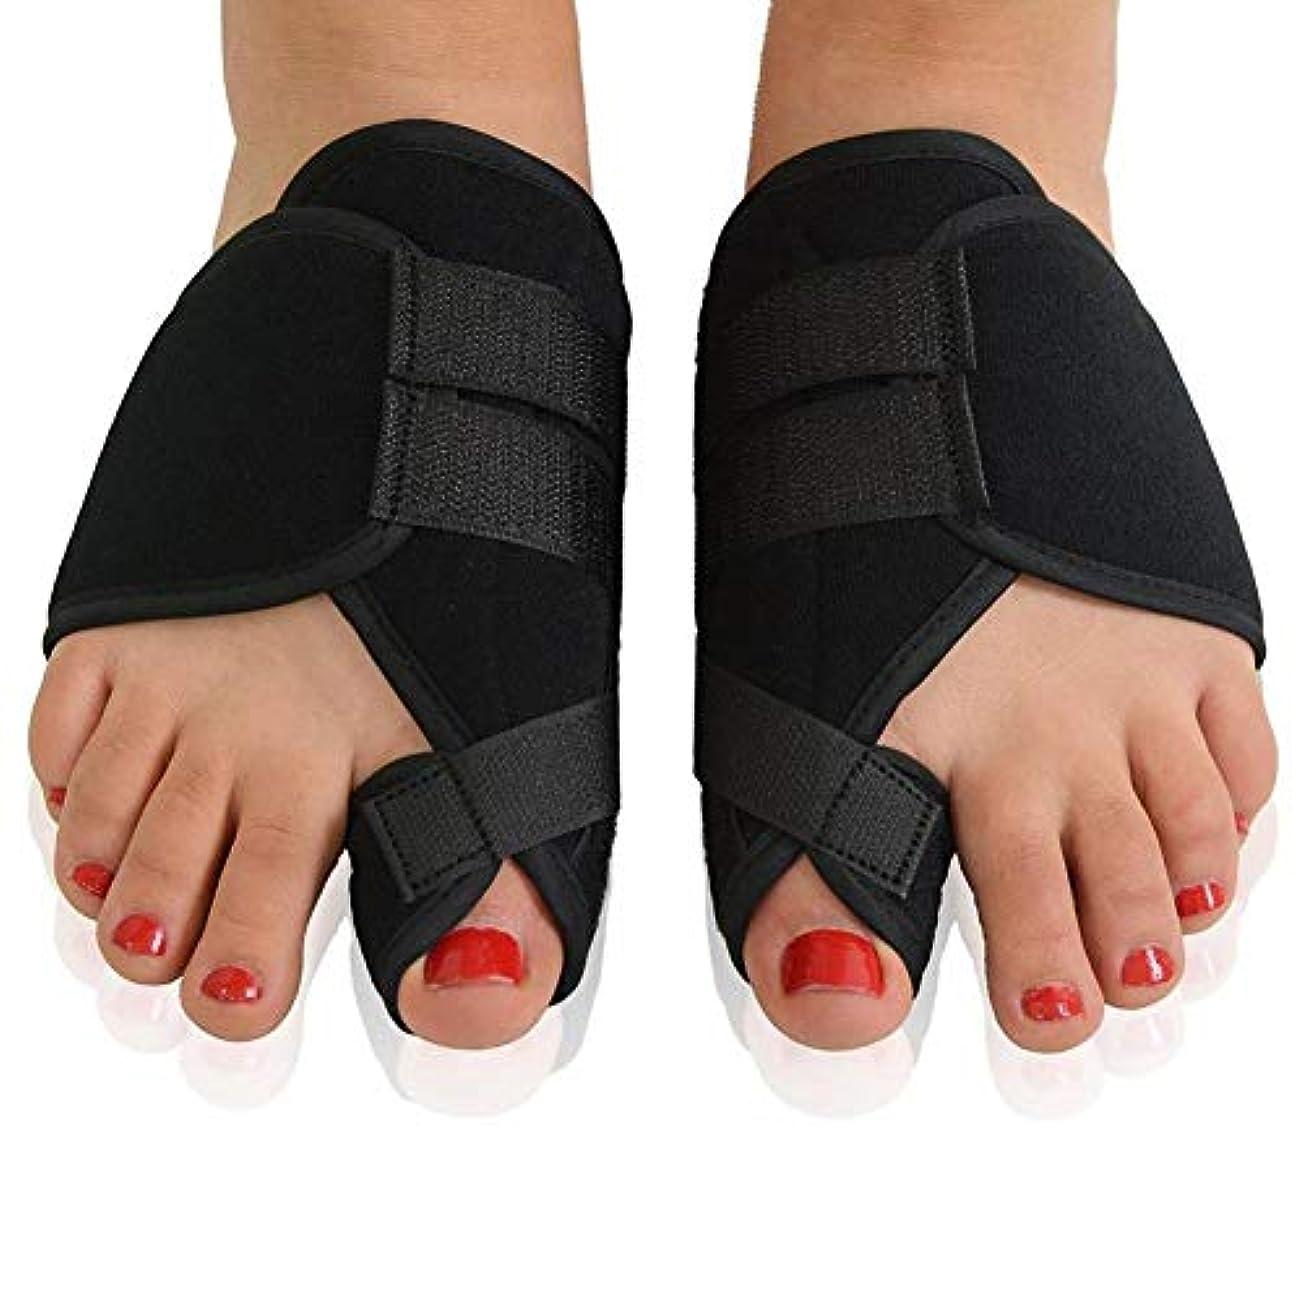 血まみれの適度な統治可能Nighttime Bunion Corrector Toe Straightener、1組の整形外科用Bunion Splintsビッグトゥストレートナー、女性用Bunion Splint Protector Bunion...